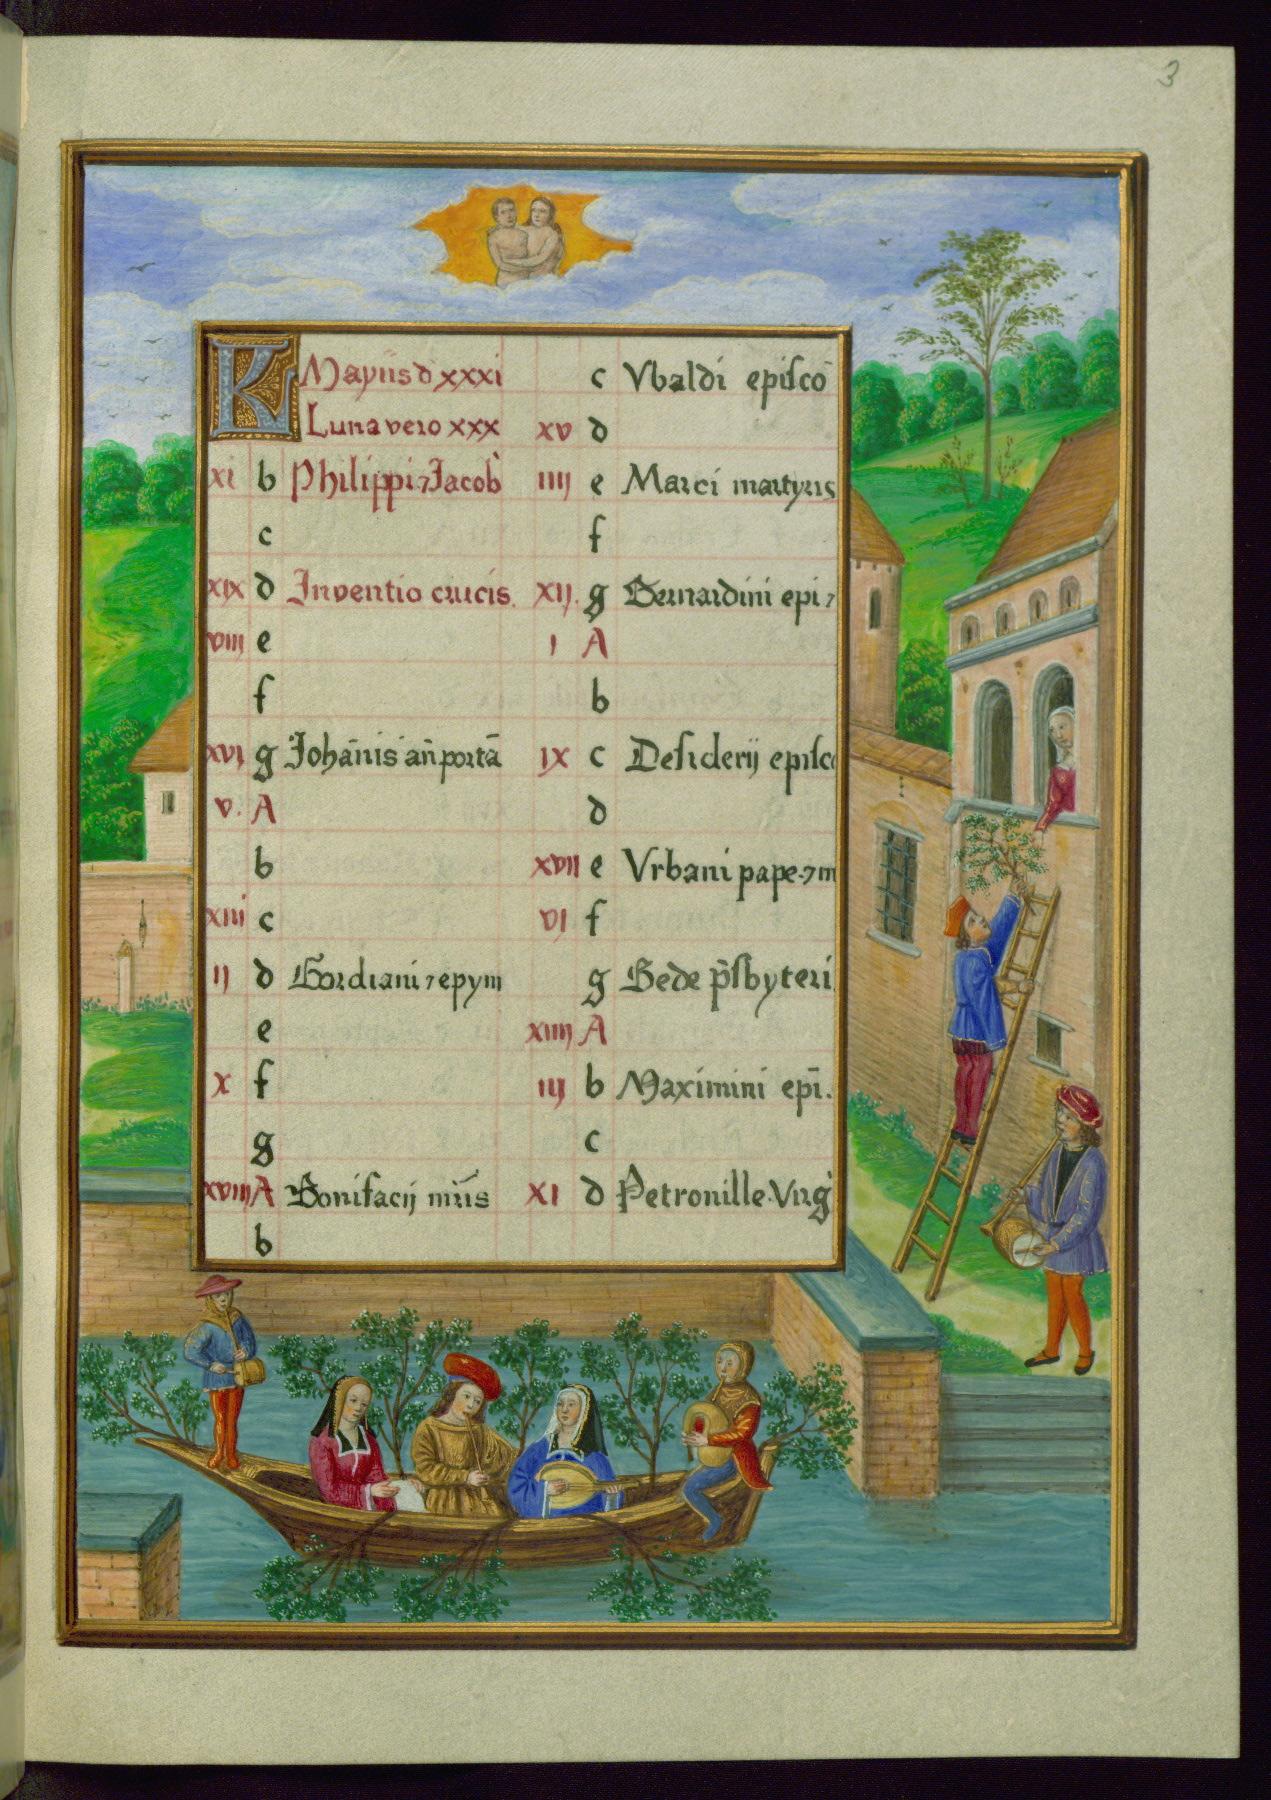 1500 ca Walters Manuscript W.441, fol. 3r